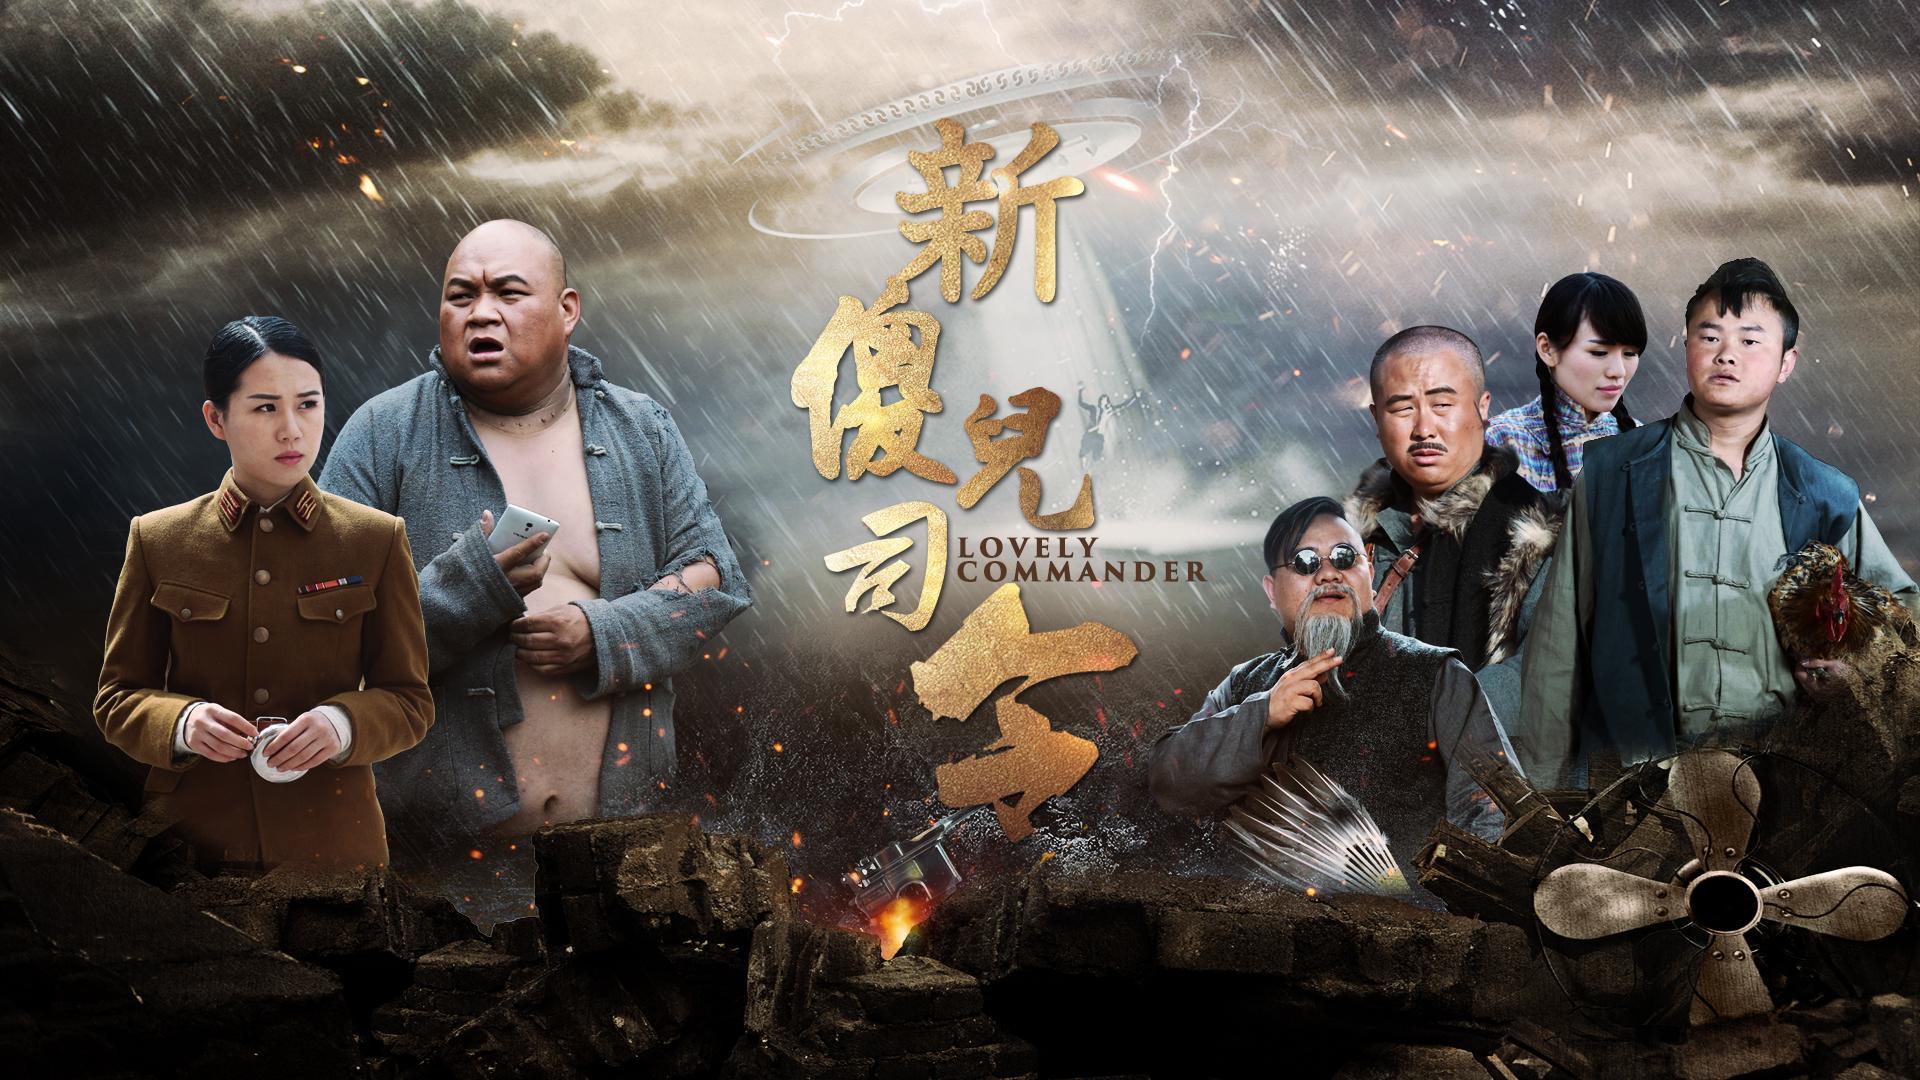 新傻儿司令-电影-电影在线观看-搜狐视频员戳爷插曲高清图片